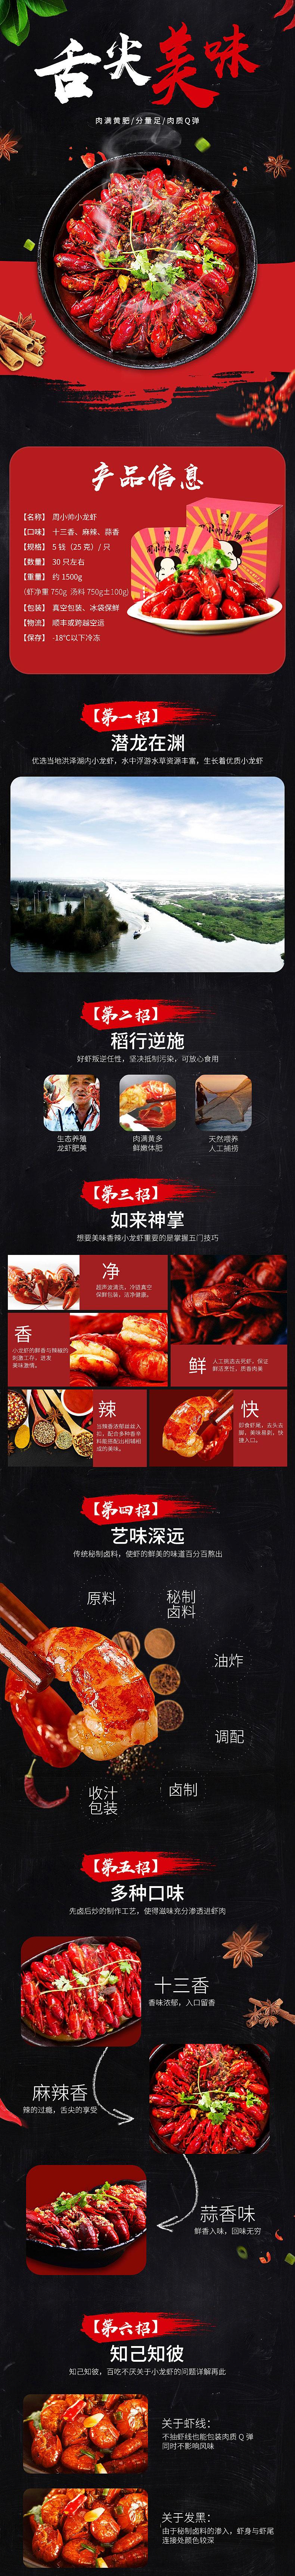 小龙虾详情页